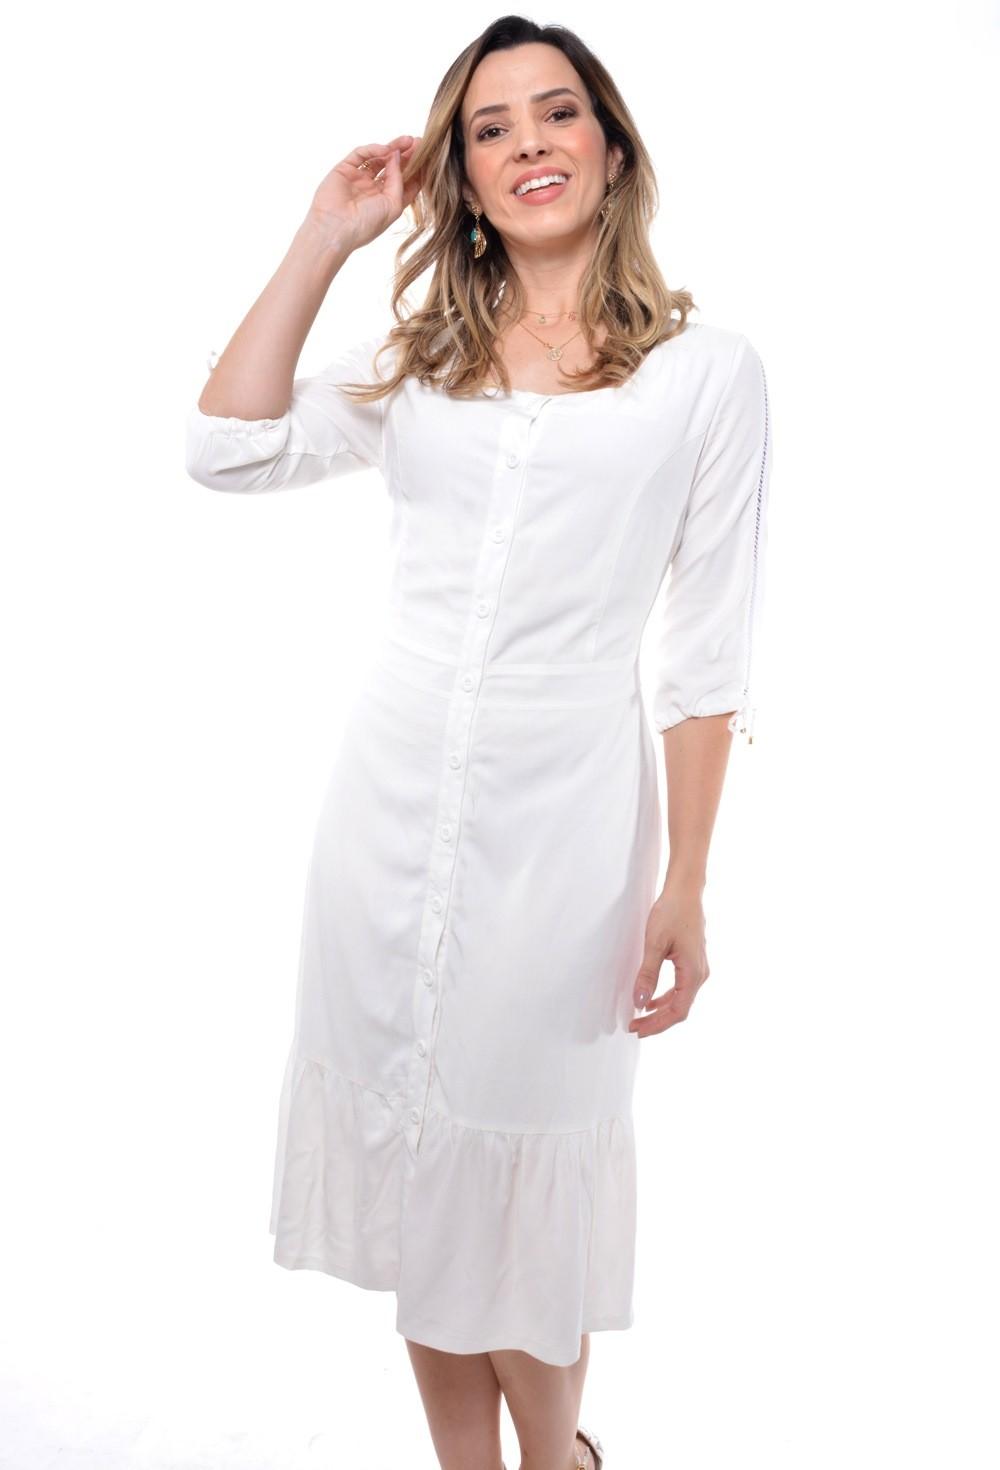 Vestido em viscose, modelagem levemente ajustada